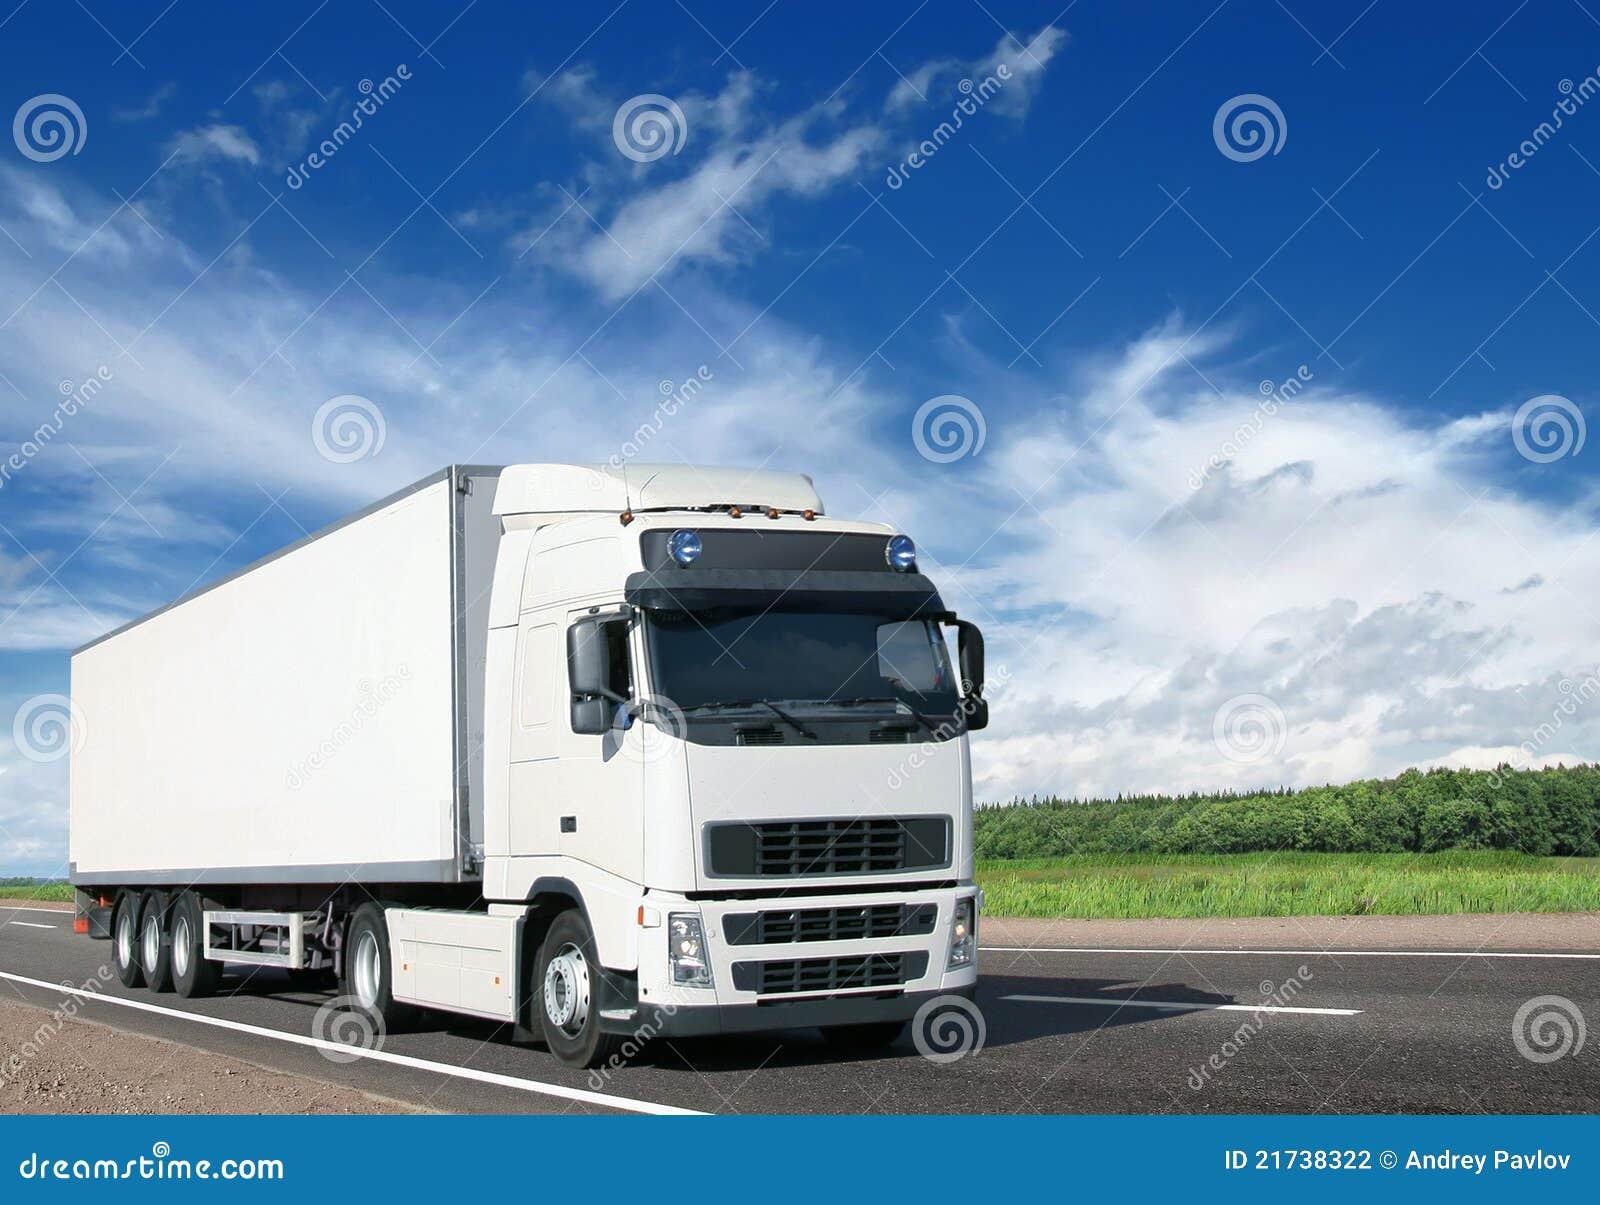 trans-trek-transportnaya-kompaniya